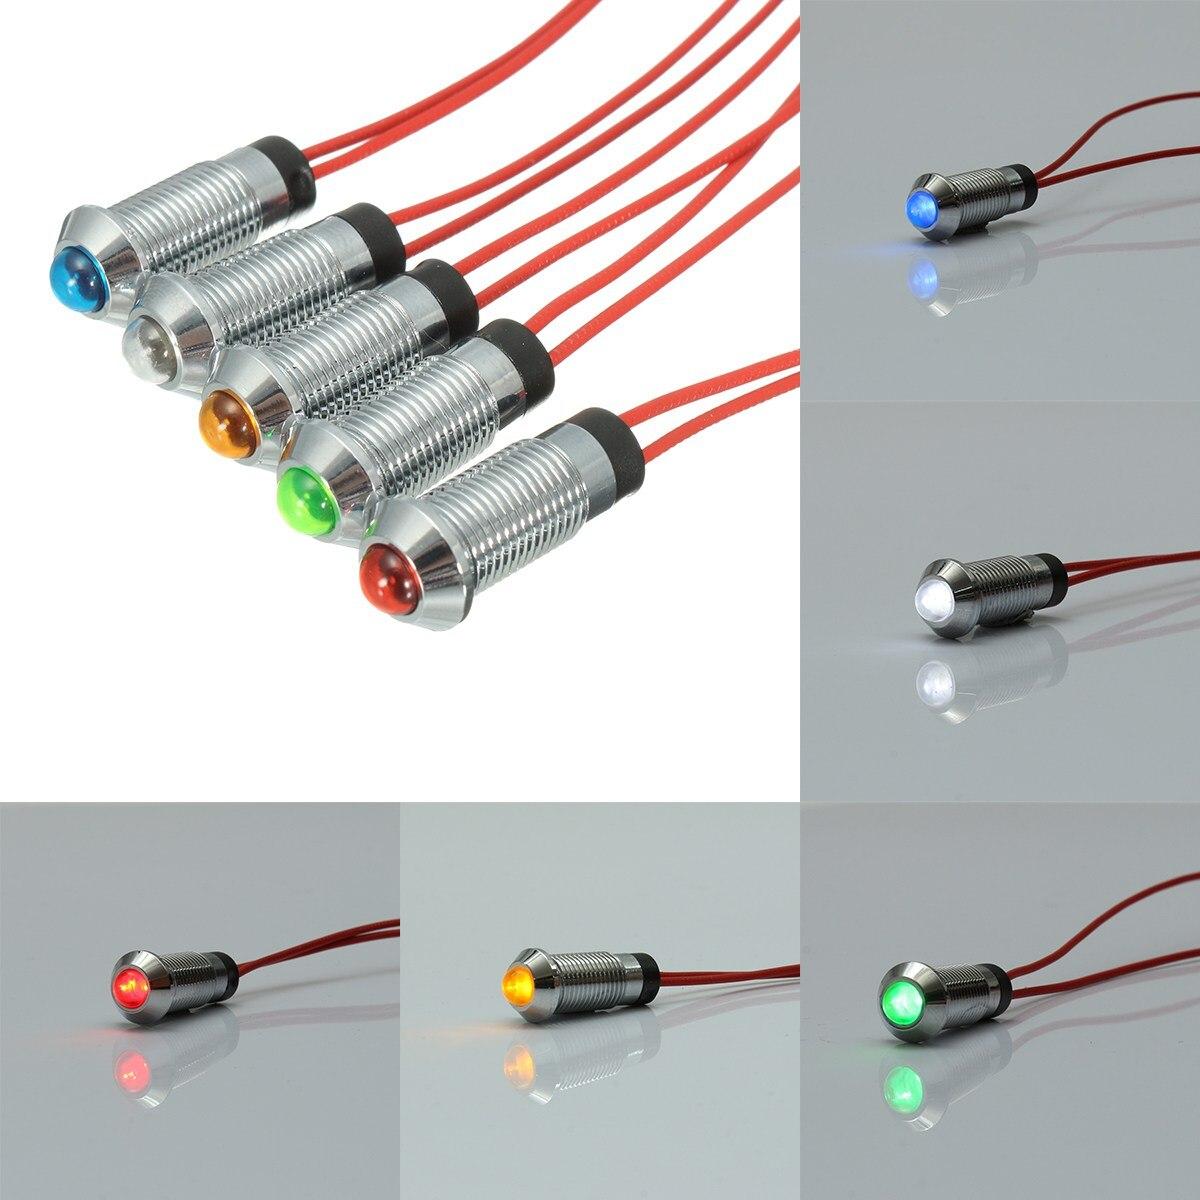 1pcs Metal 12V 8mm LED Panel Pilot Dash Light Indicator Lamp Waterproof IP67 Car Van Boat